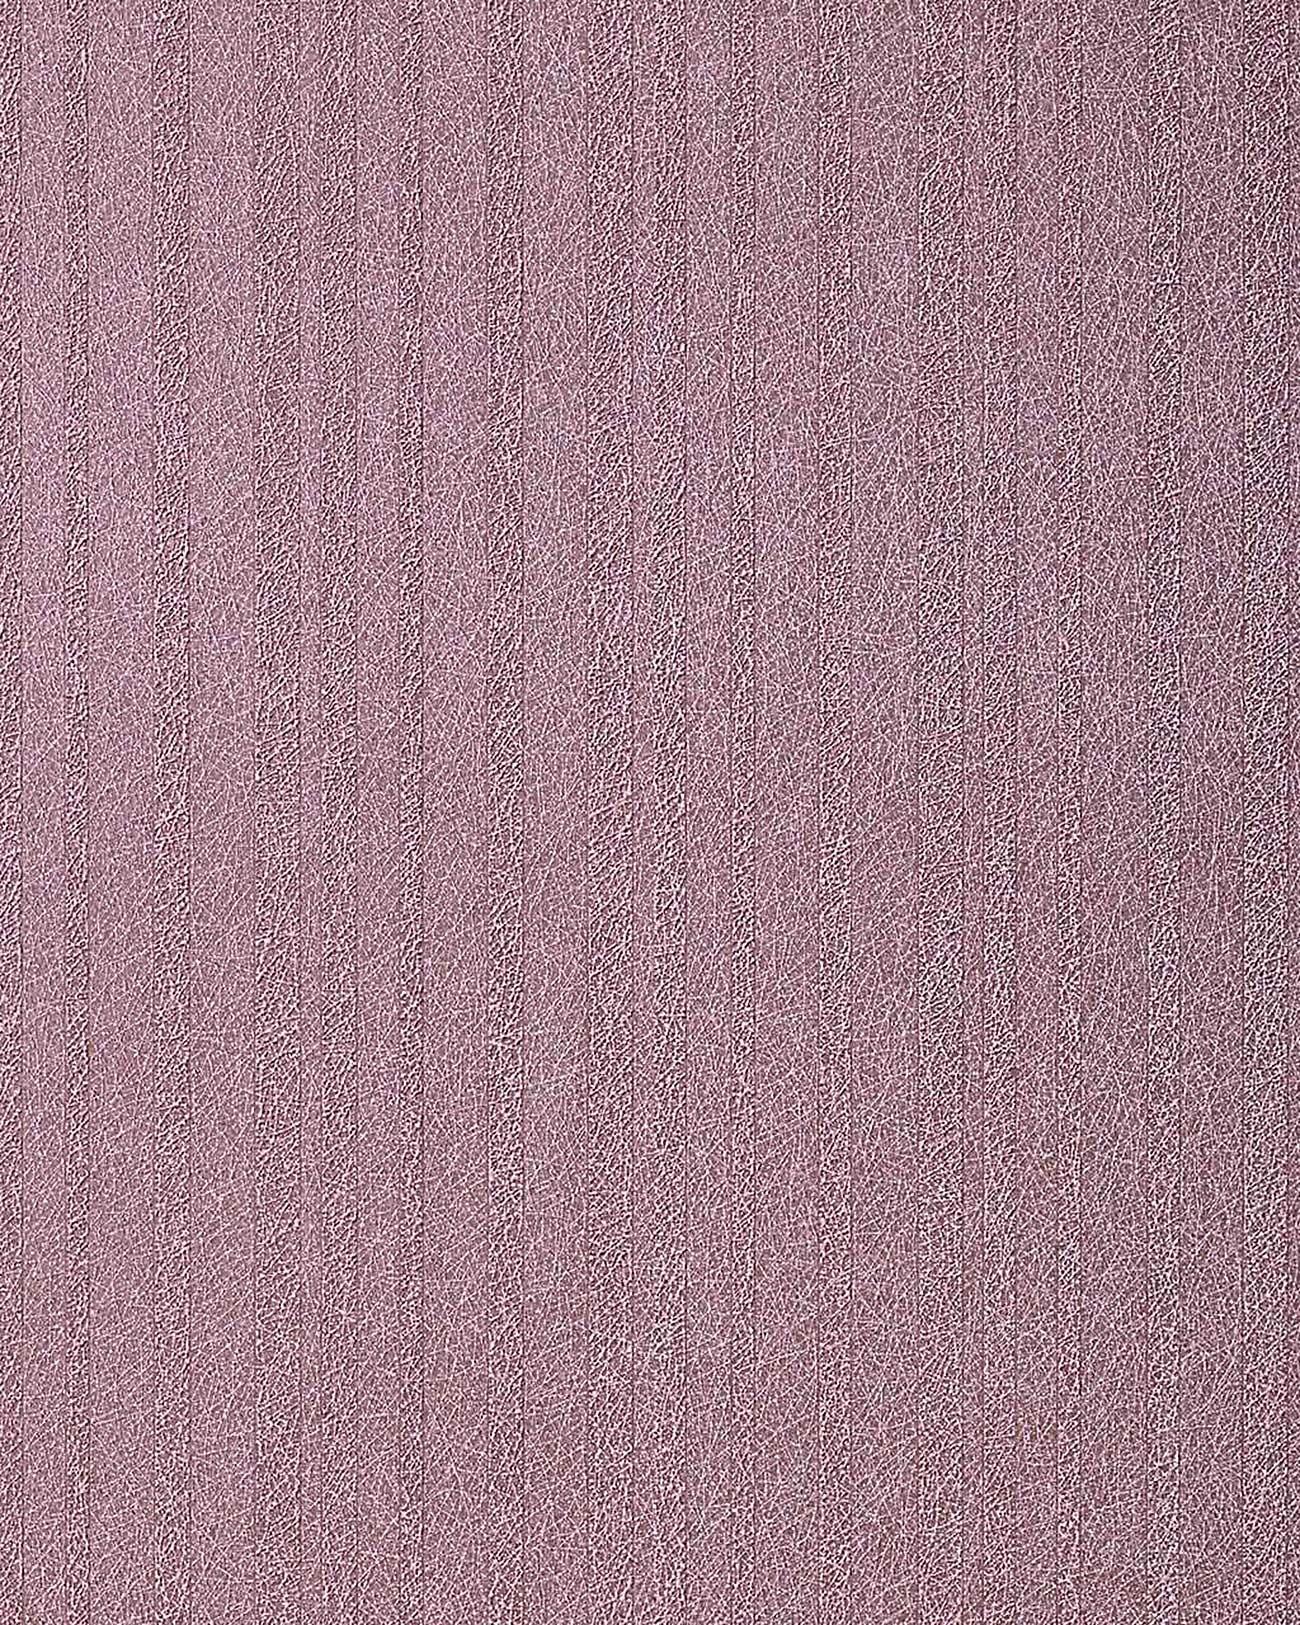 Papel pintado unicolor edem 1015 14 moderno con textura de - Papel pintado morado ...